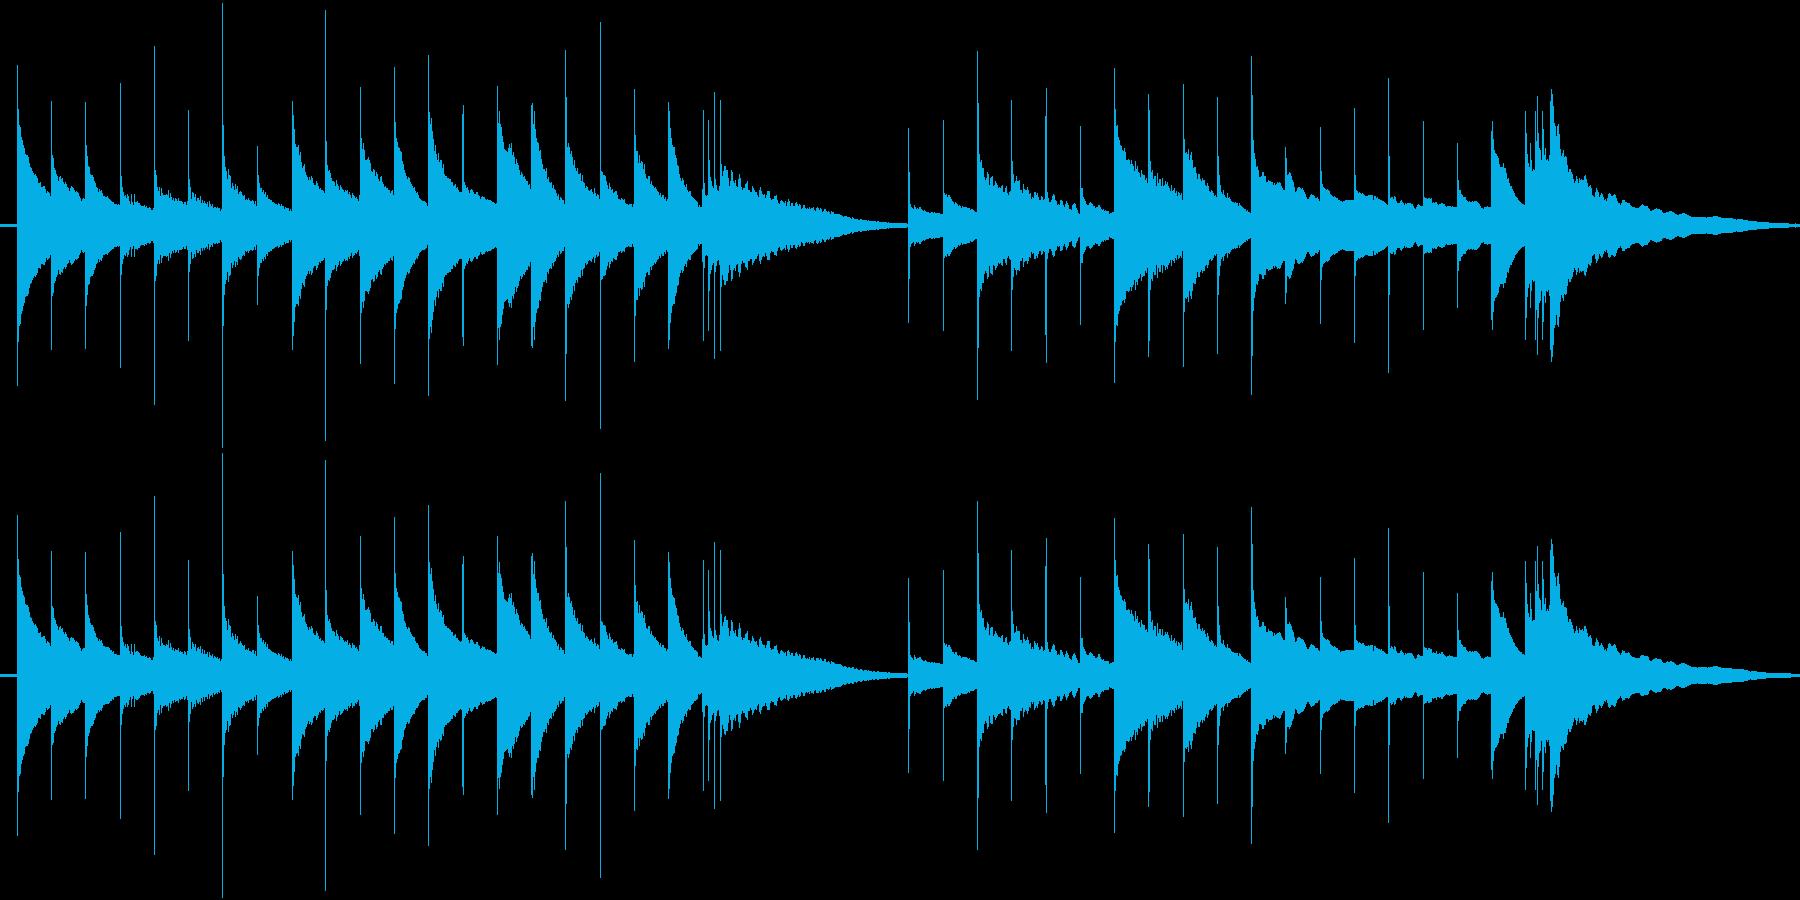 ジングル:古めかしいオルゴールの優しい曲の再生済みの波形